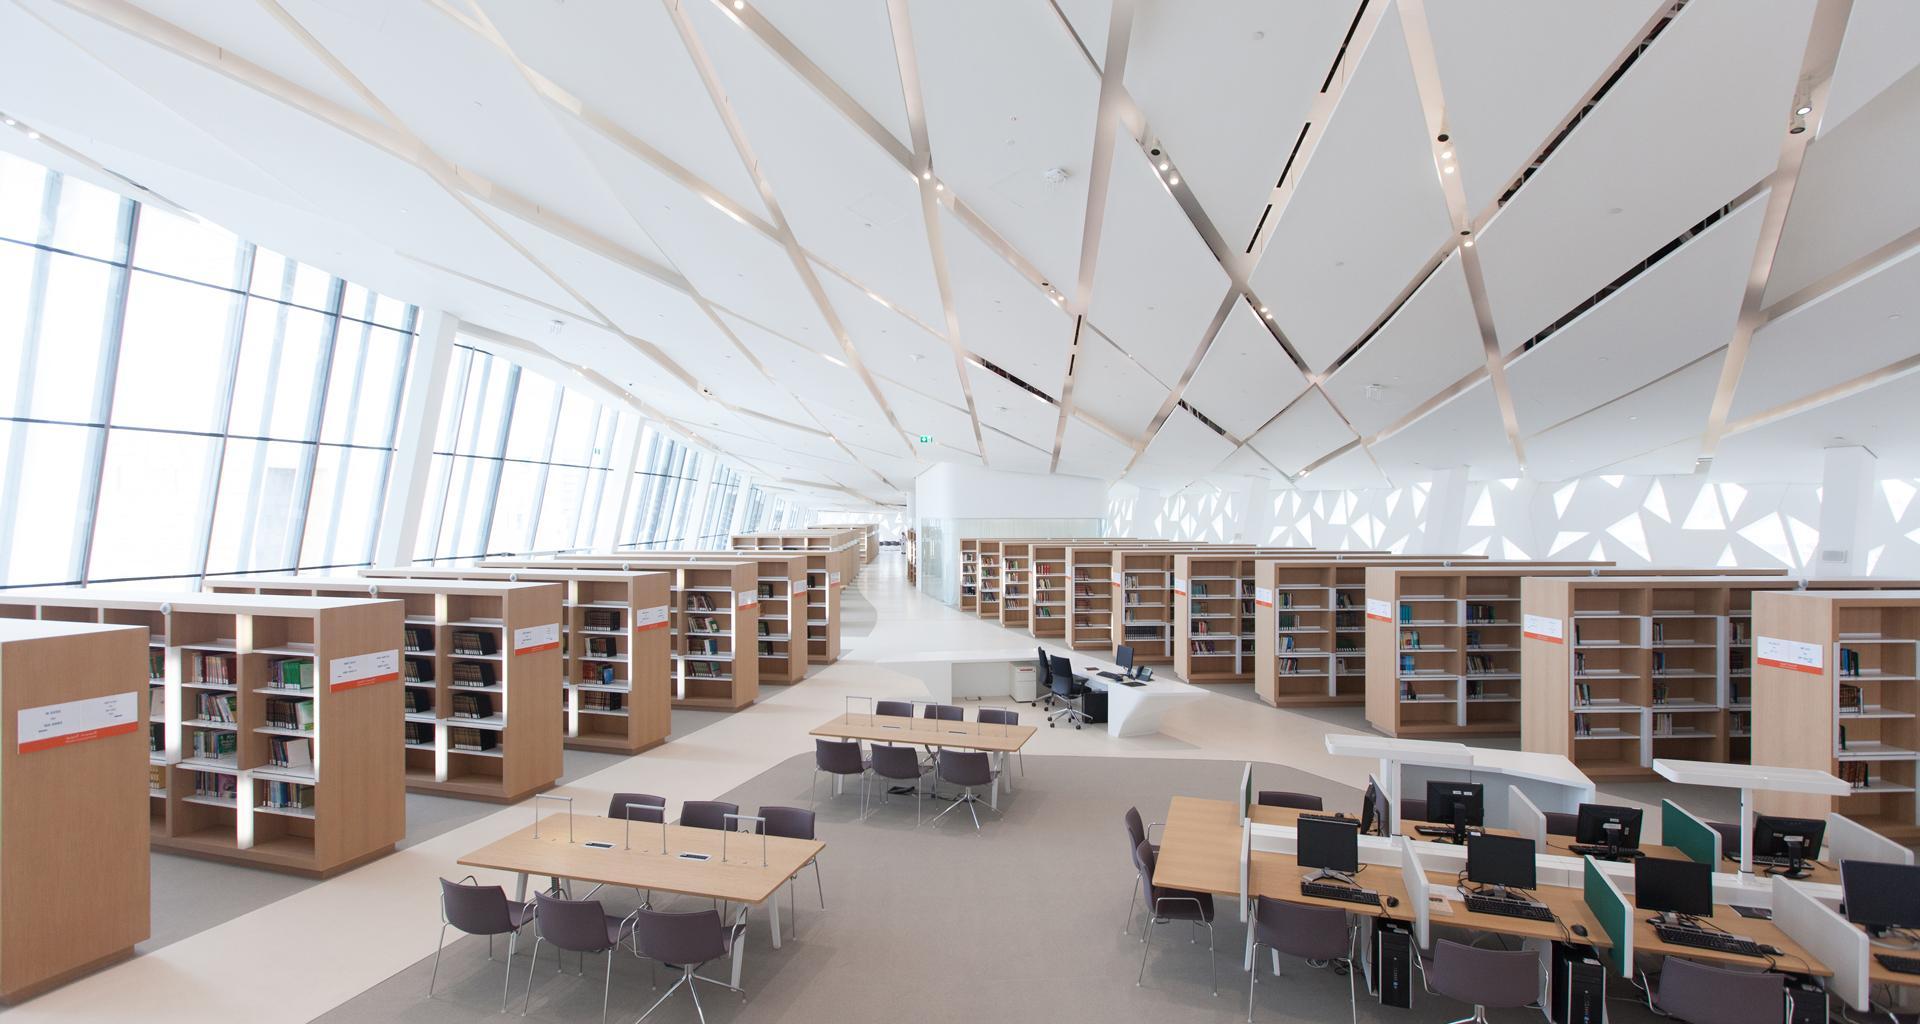 hbku library